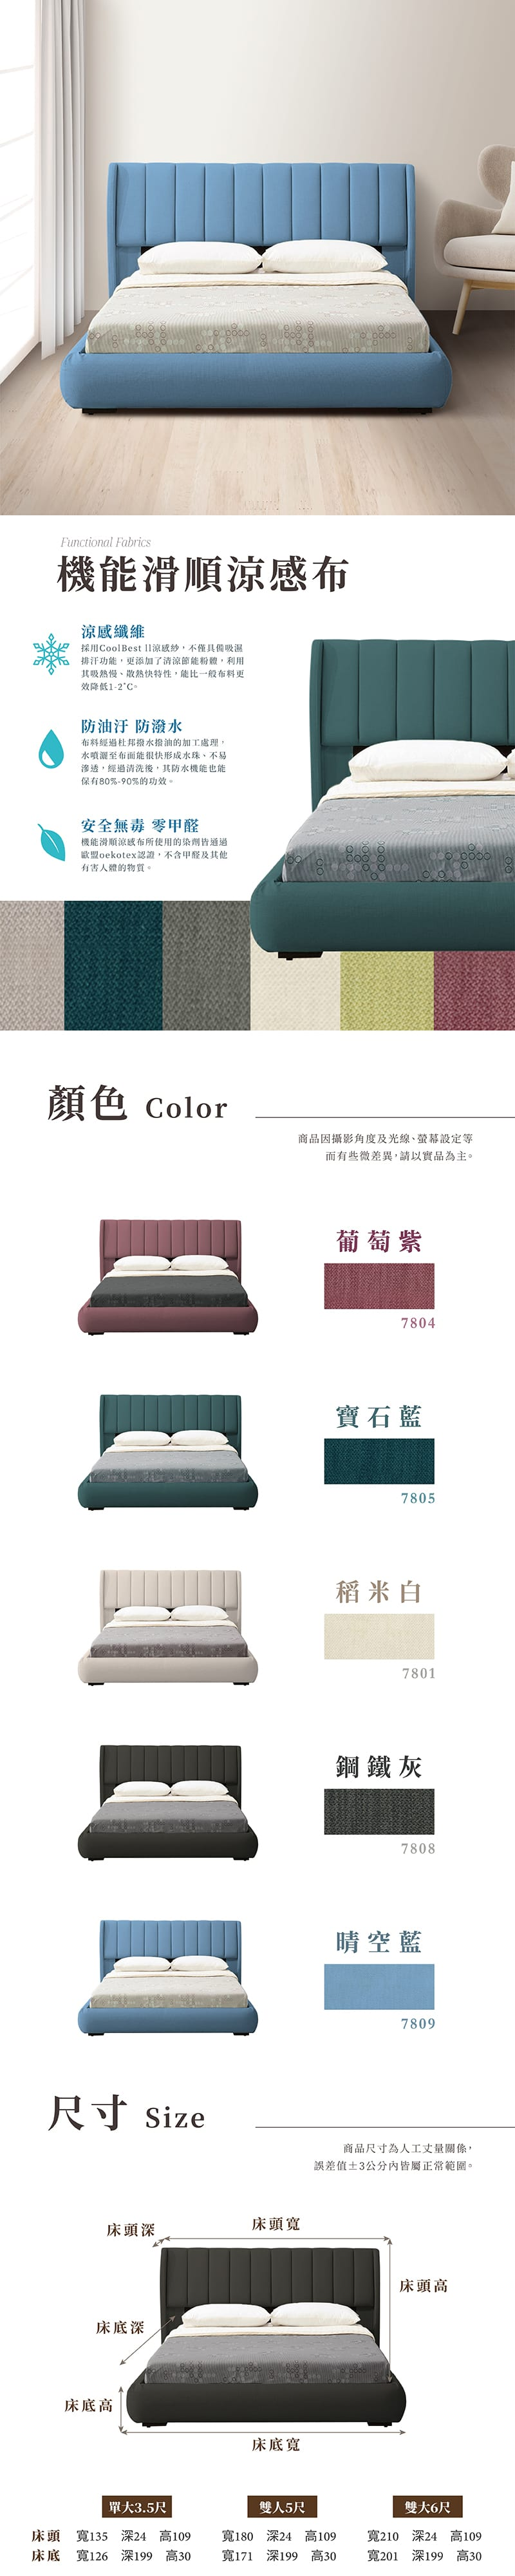 若拉 涼感紗床組兩件 雙人加大6尺(床頭片+床底)